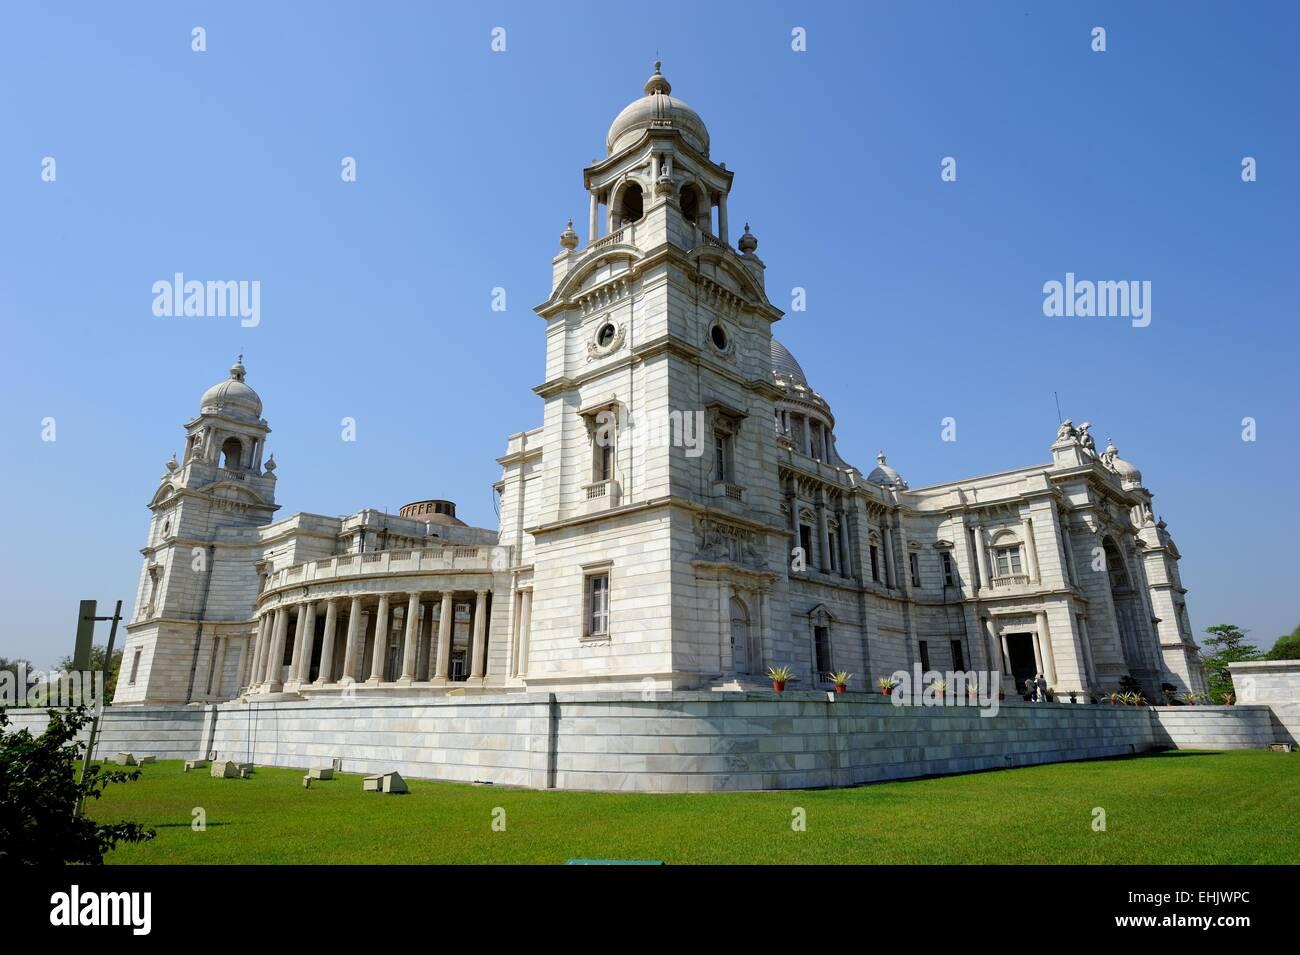 Victoria Memorial in Kolkata - Stock Image